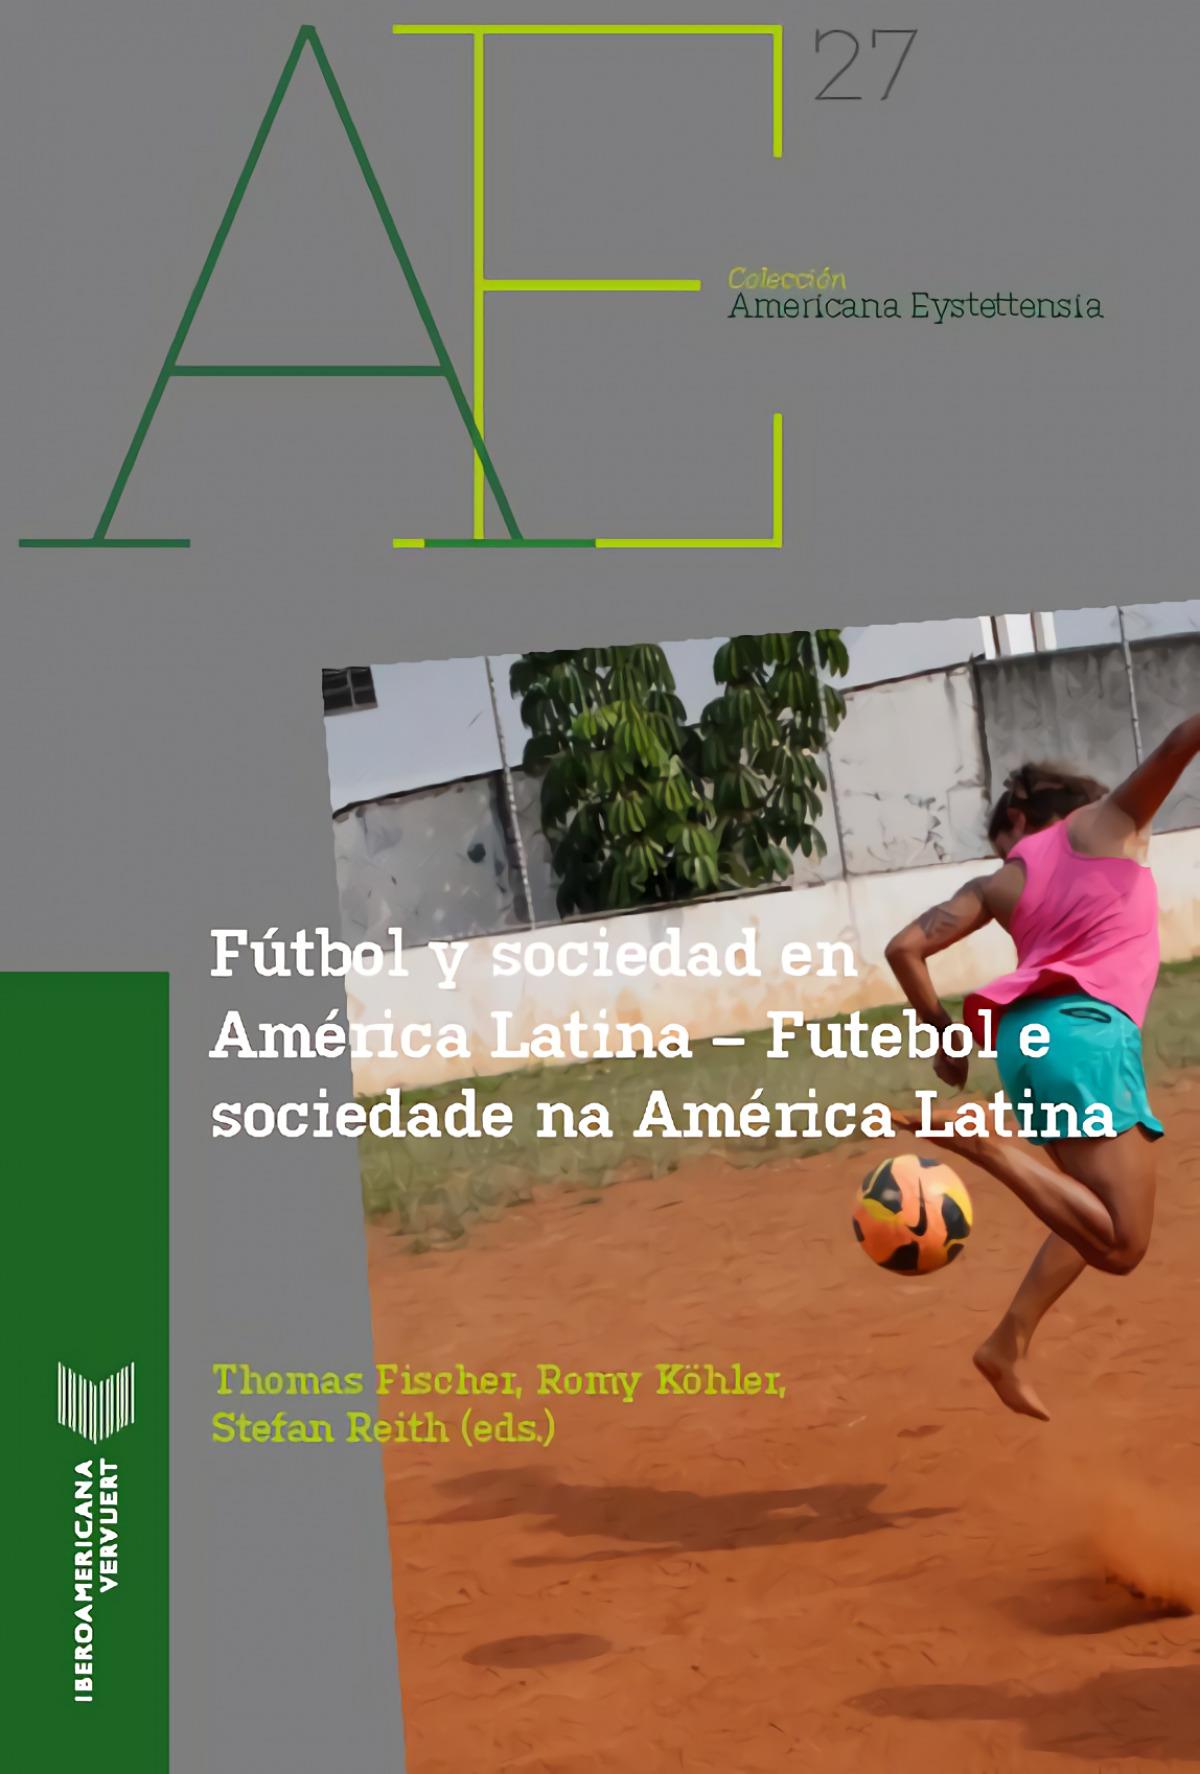 Fútbol y sociedad en América Latina